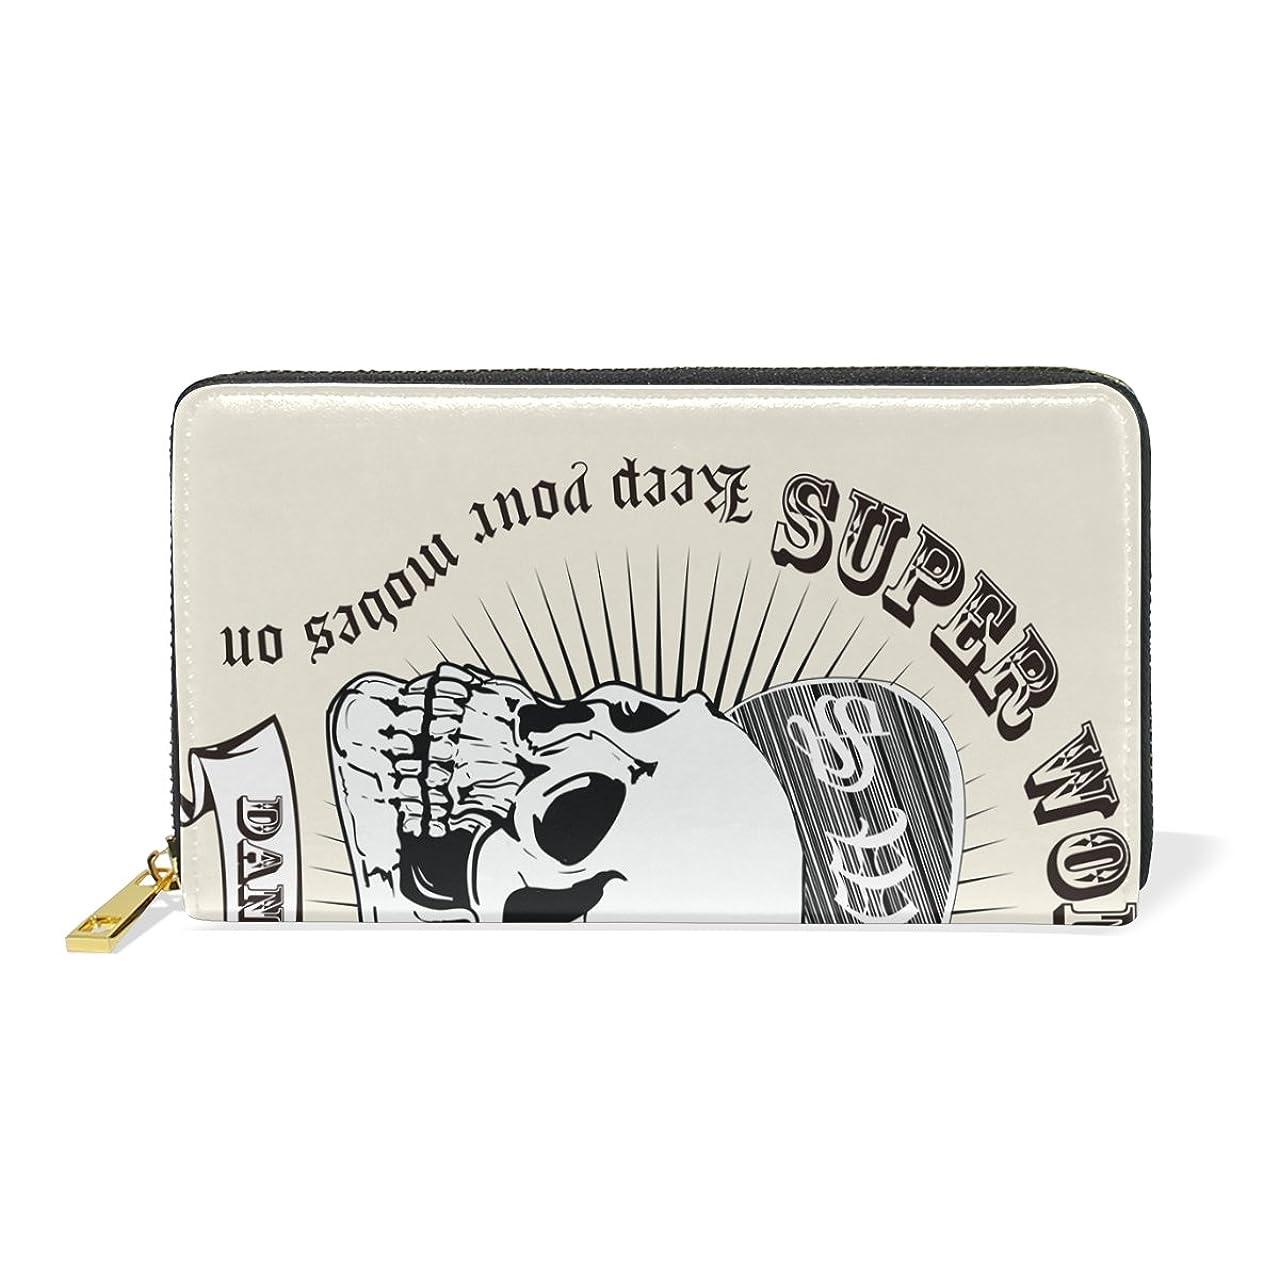 グレートオーク行商精査するAyuStyle レディース メンズ 長財布 PU レザー 北欧風 ドクロ かっこいい 髑髏 ファスナー 小銭入れあり お札入れ カード入れ 二つ折り 大容量 プレゼント 個性的